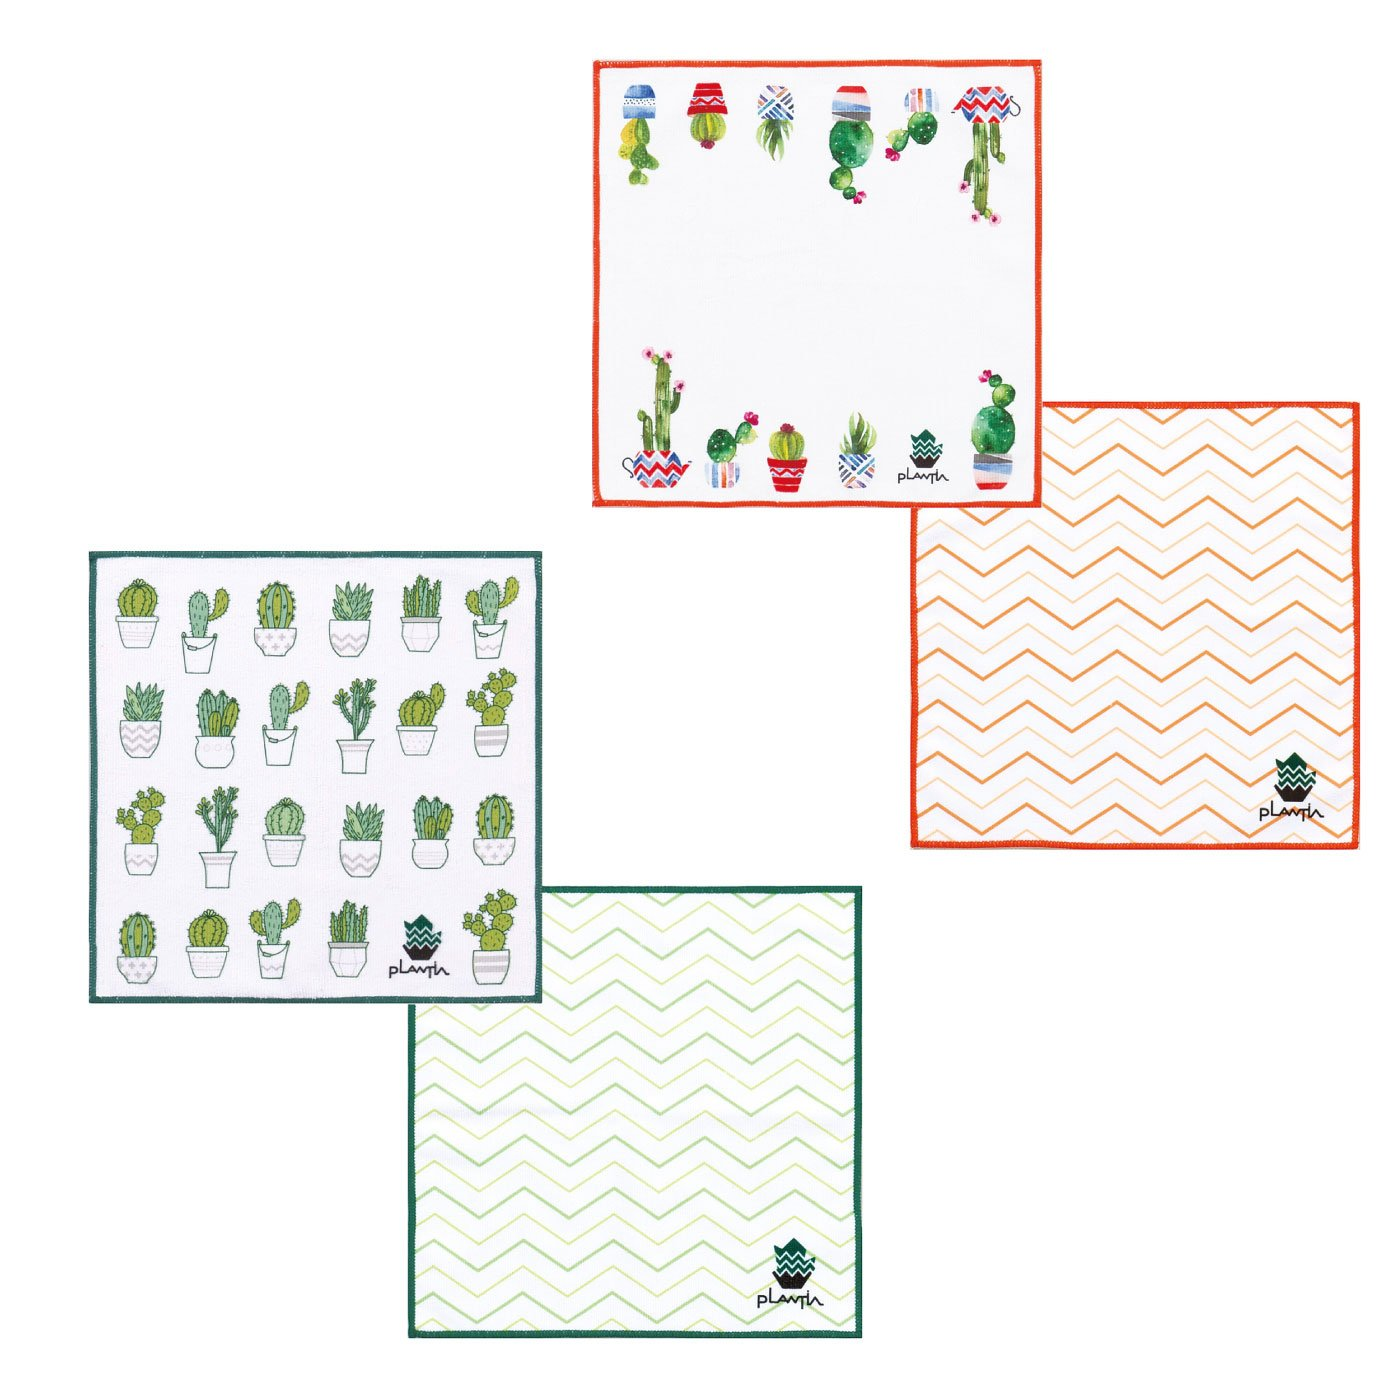 緑を感じるキッチン PLANTIA キッチンクロス4枚セット